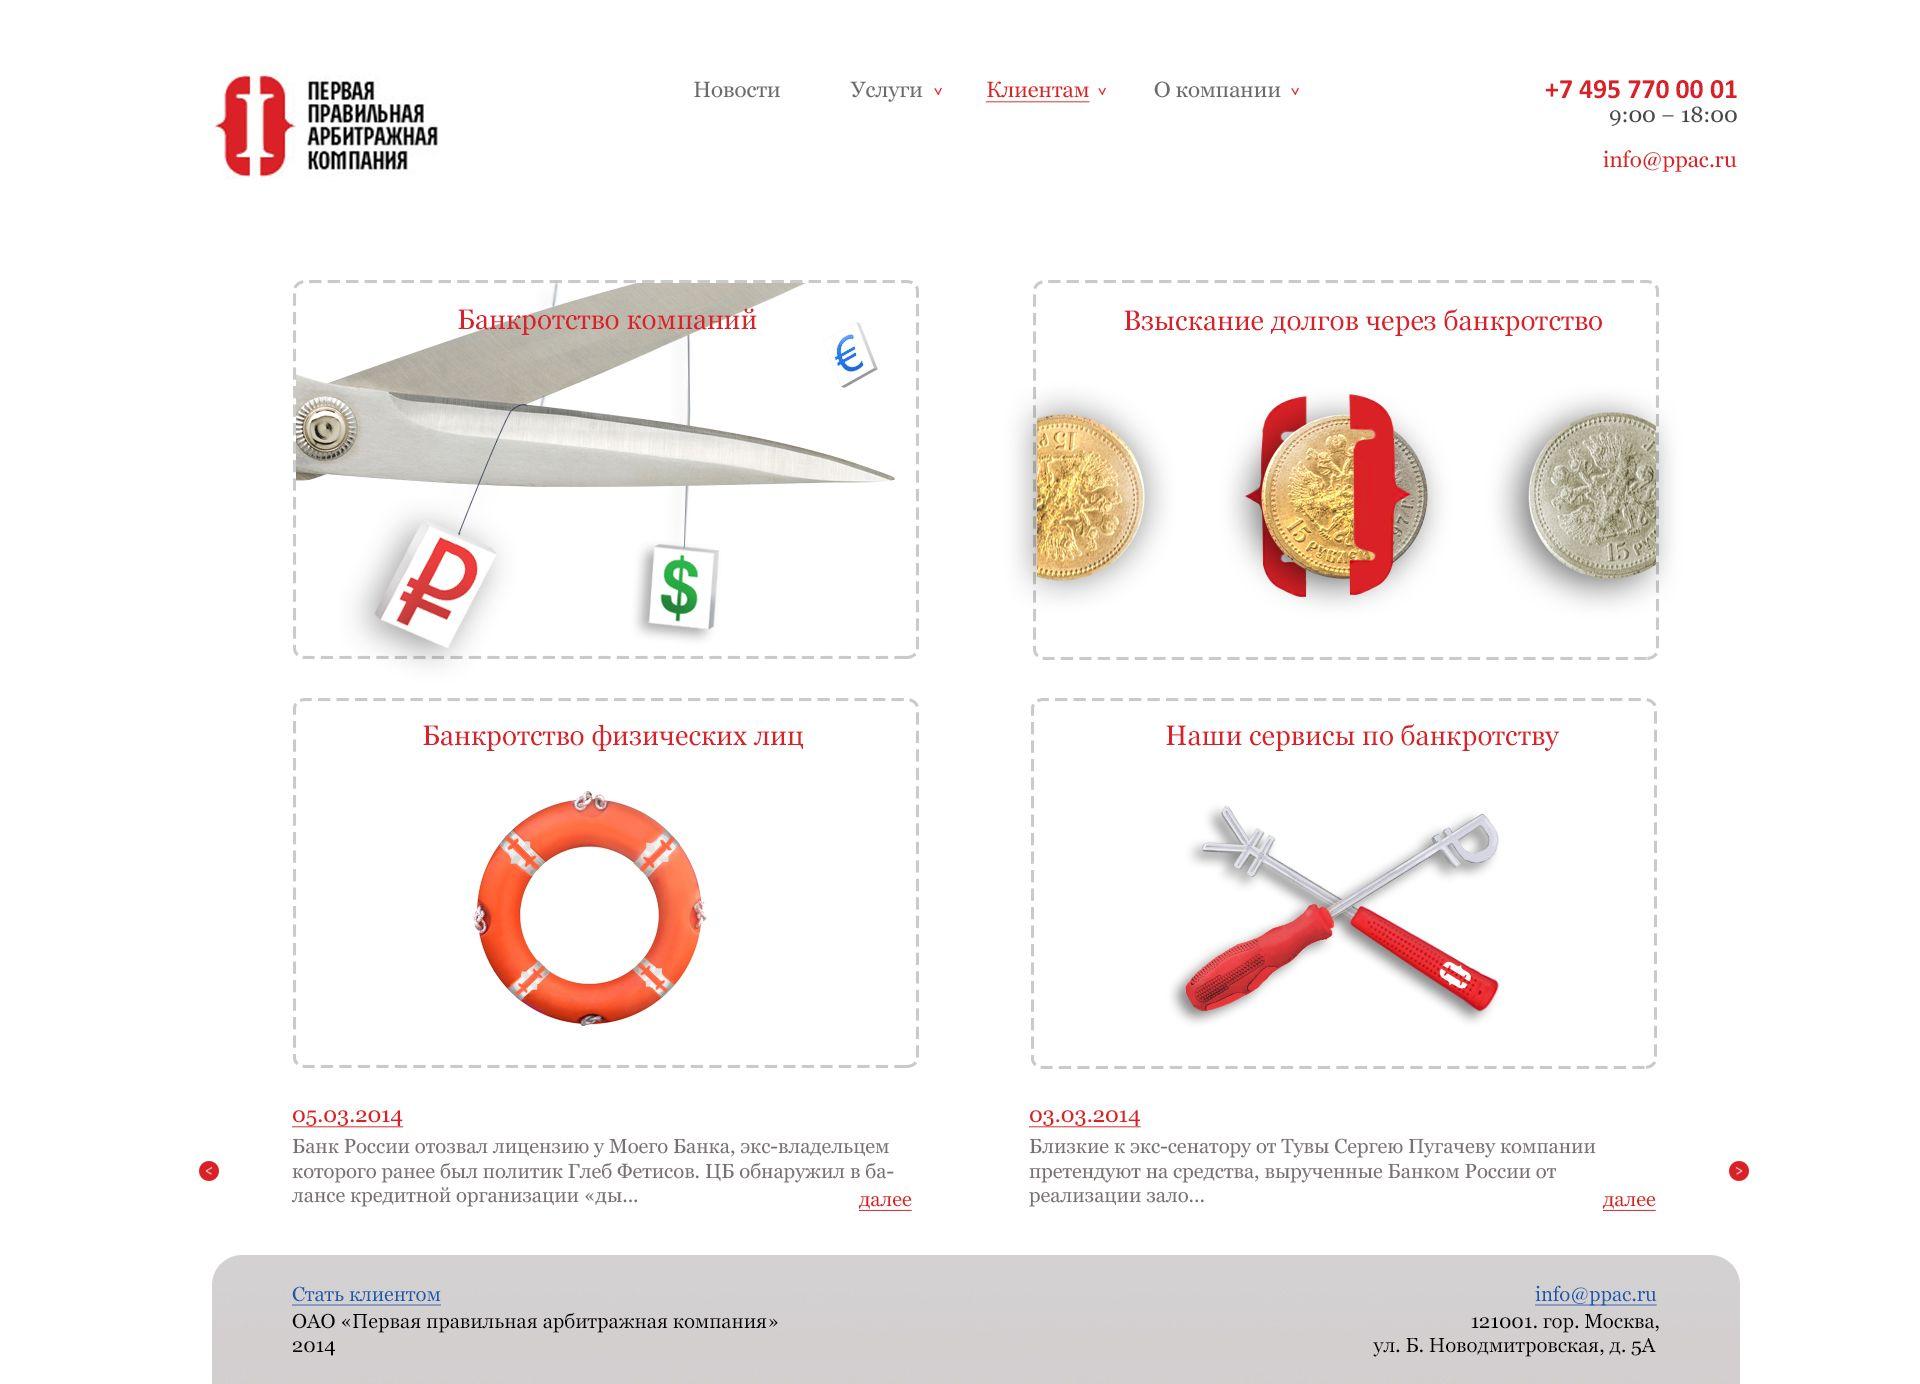 Дизайн главной страницы и типографика, Банкротство - дизайнер romandko